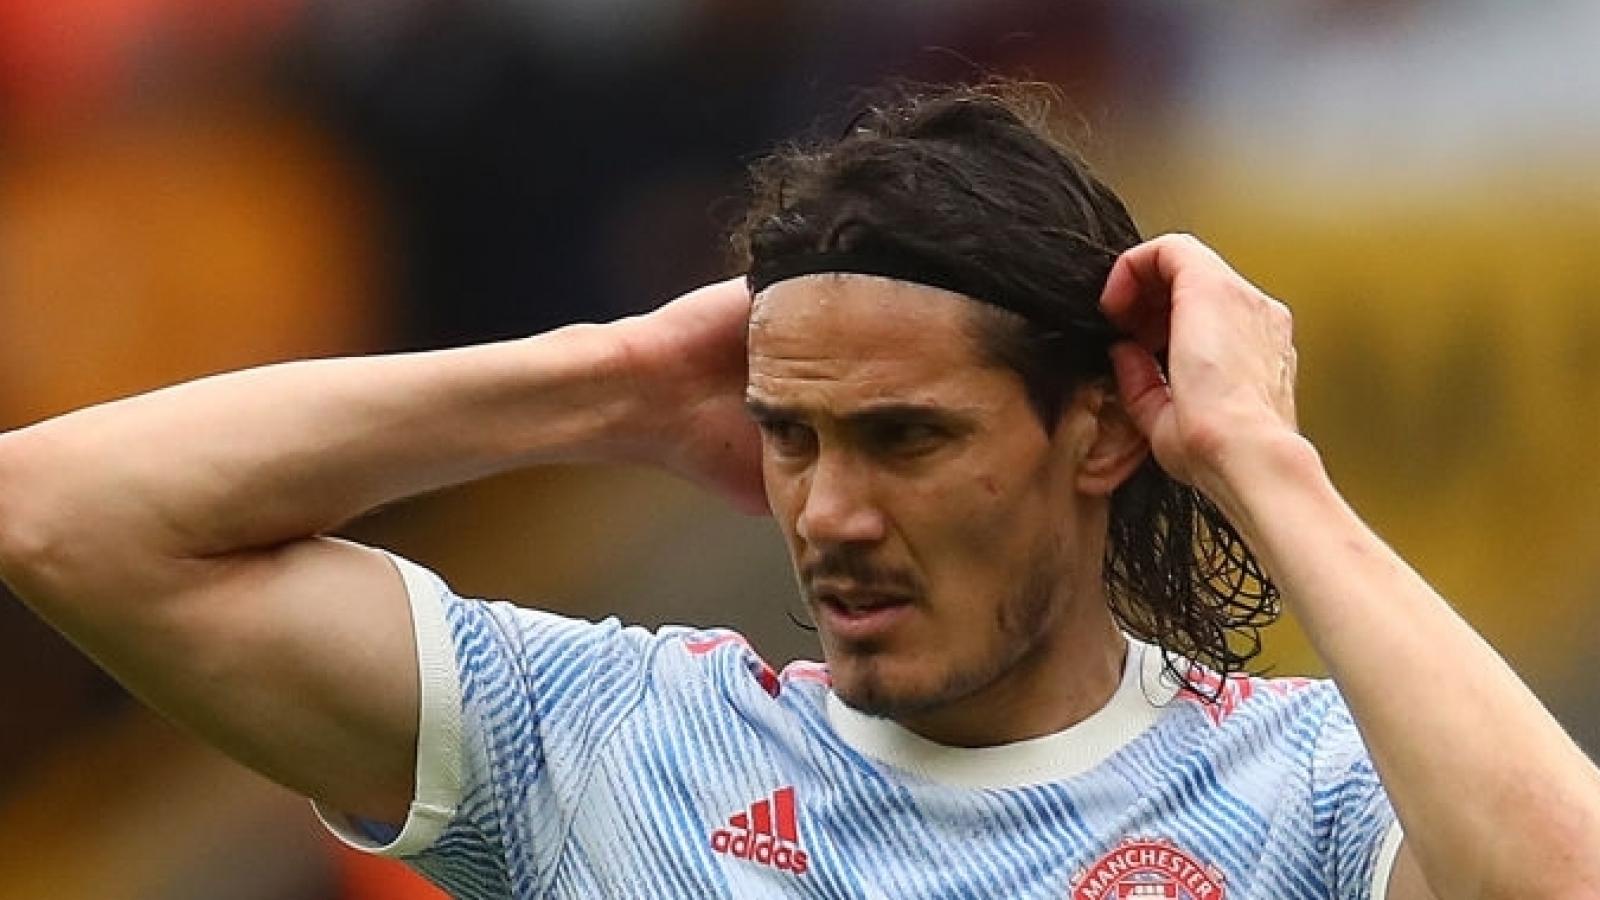 HLV Solskjaer lý giải việc gạch tên Cavani khỏi trận đấu với Young Boys